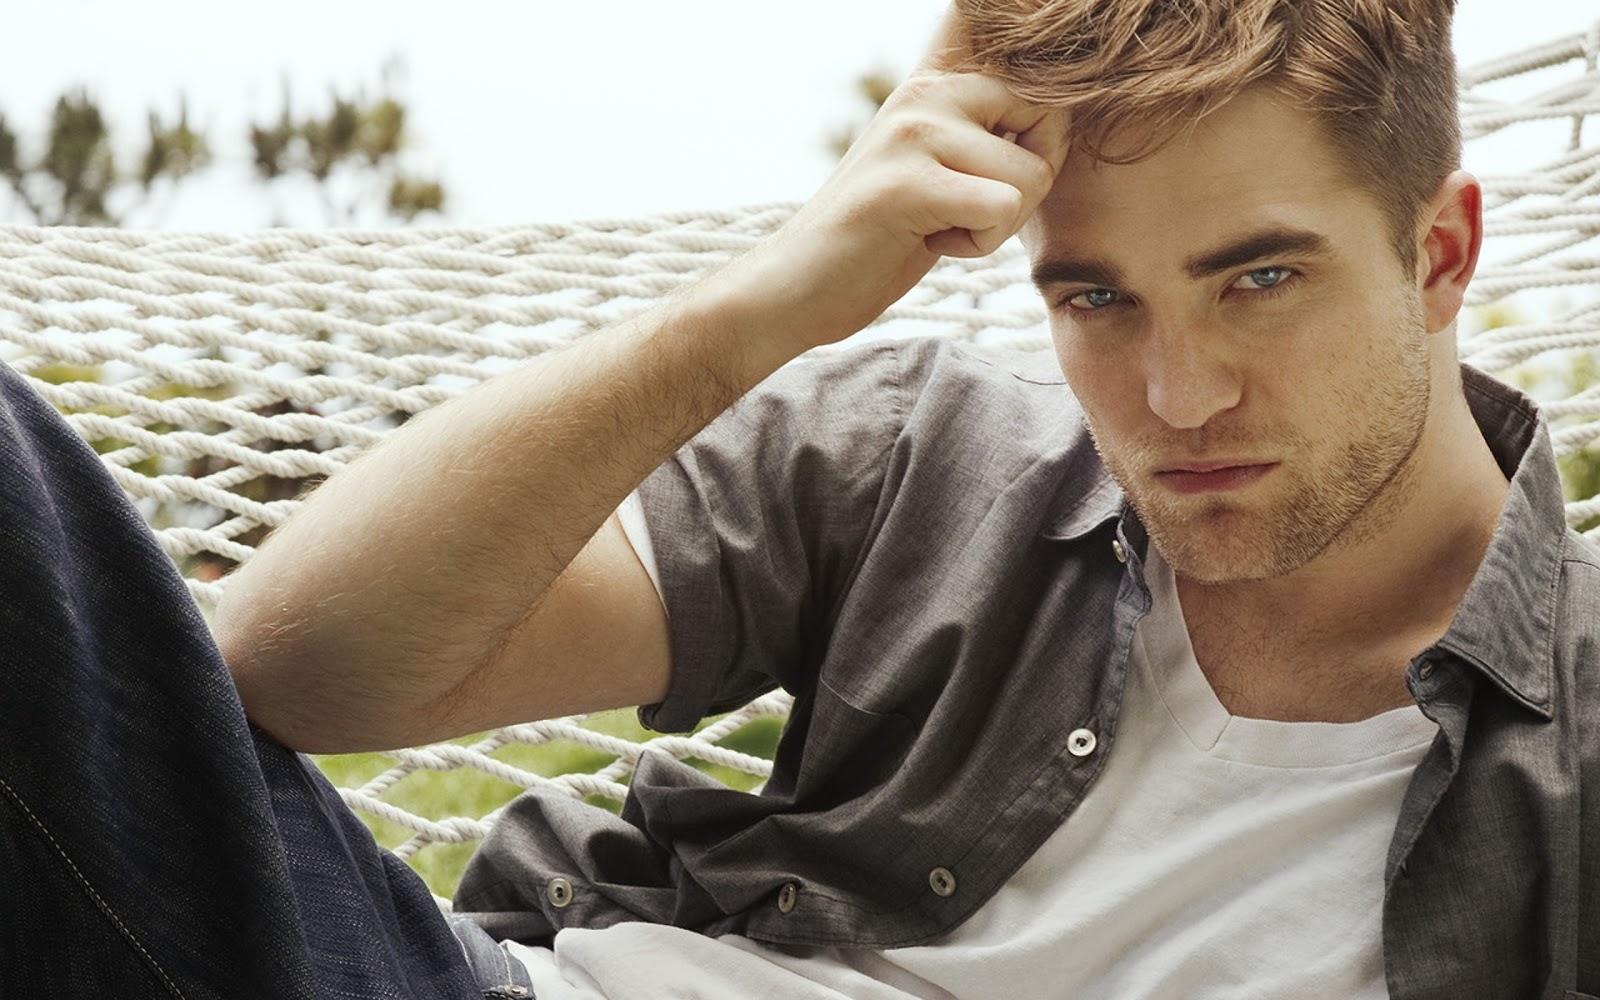 http://4.bp.blogspot.com/-a28nrdXlDgA/UNfxtPLIJwI/AAAAAAAABYs/51fJtm2ua30/s1600/Robert+Pattinson.jpg